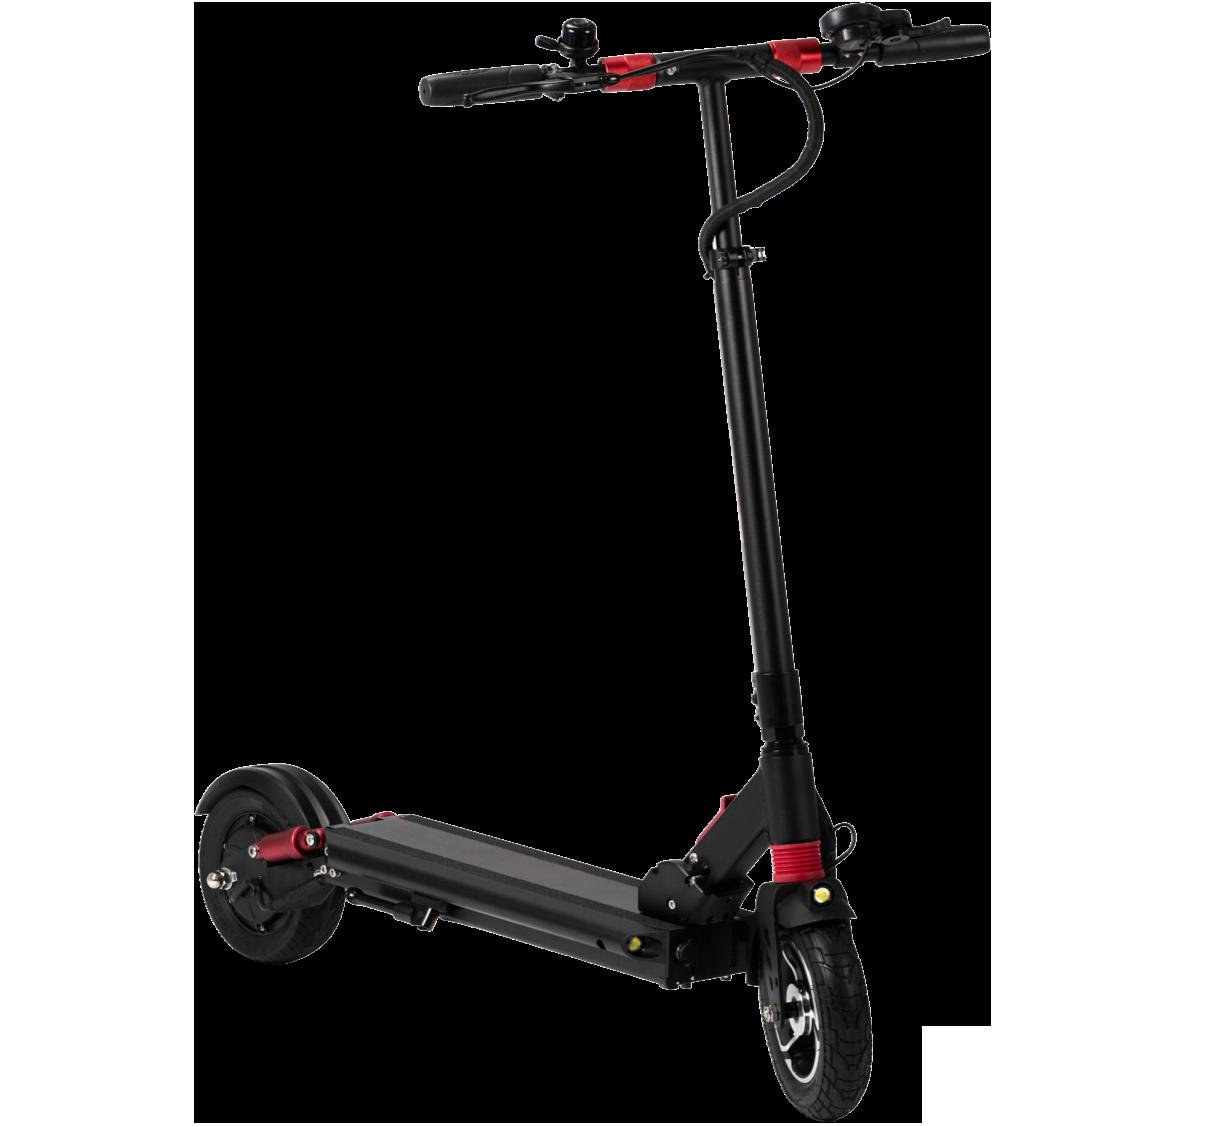 home-bike-1-m1